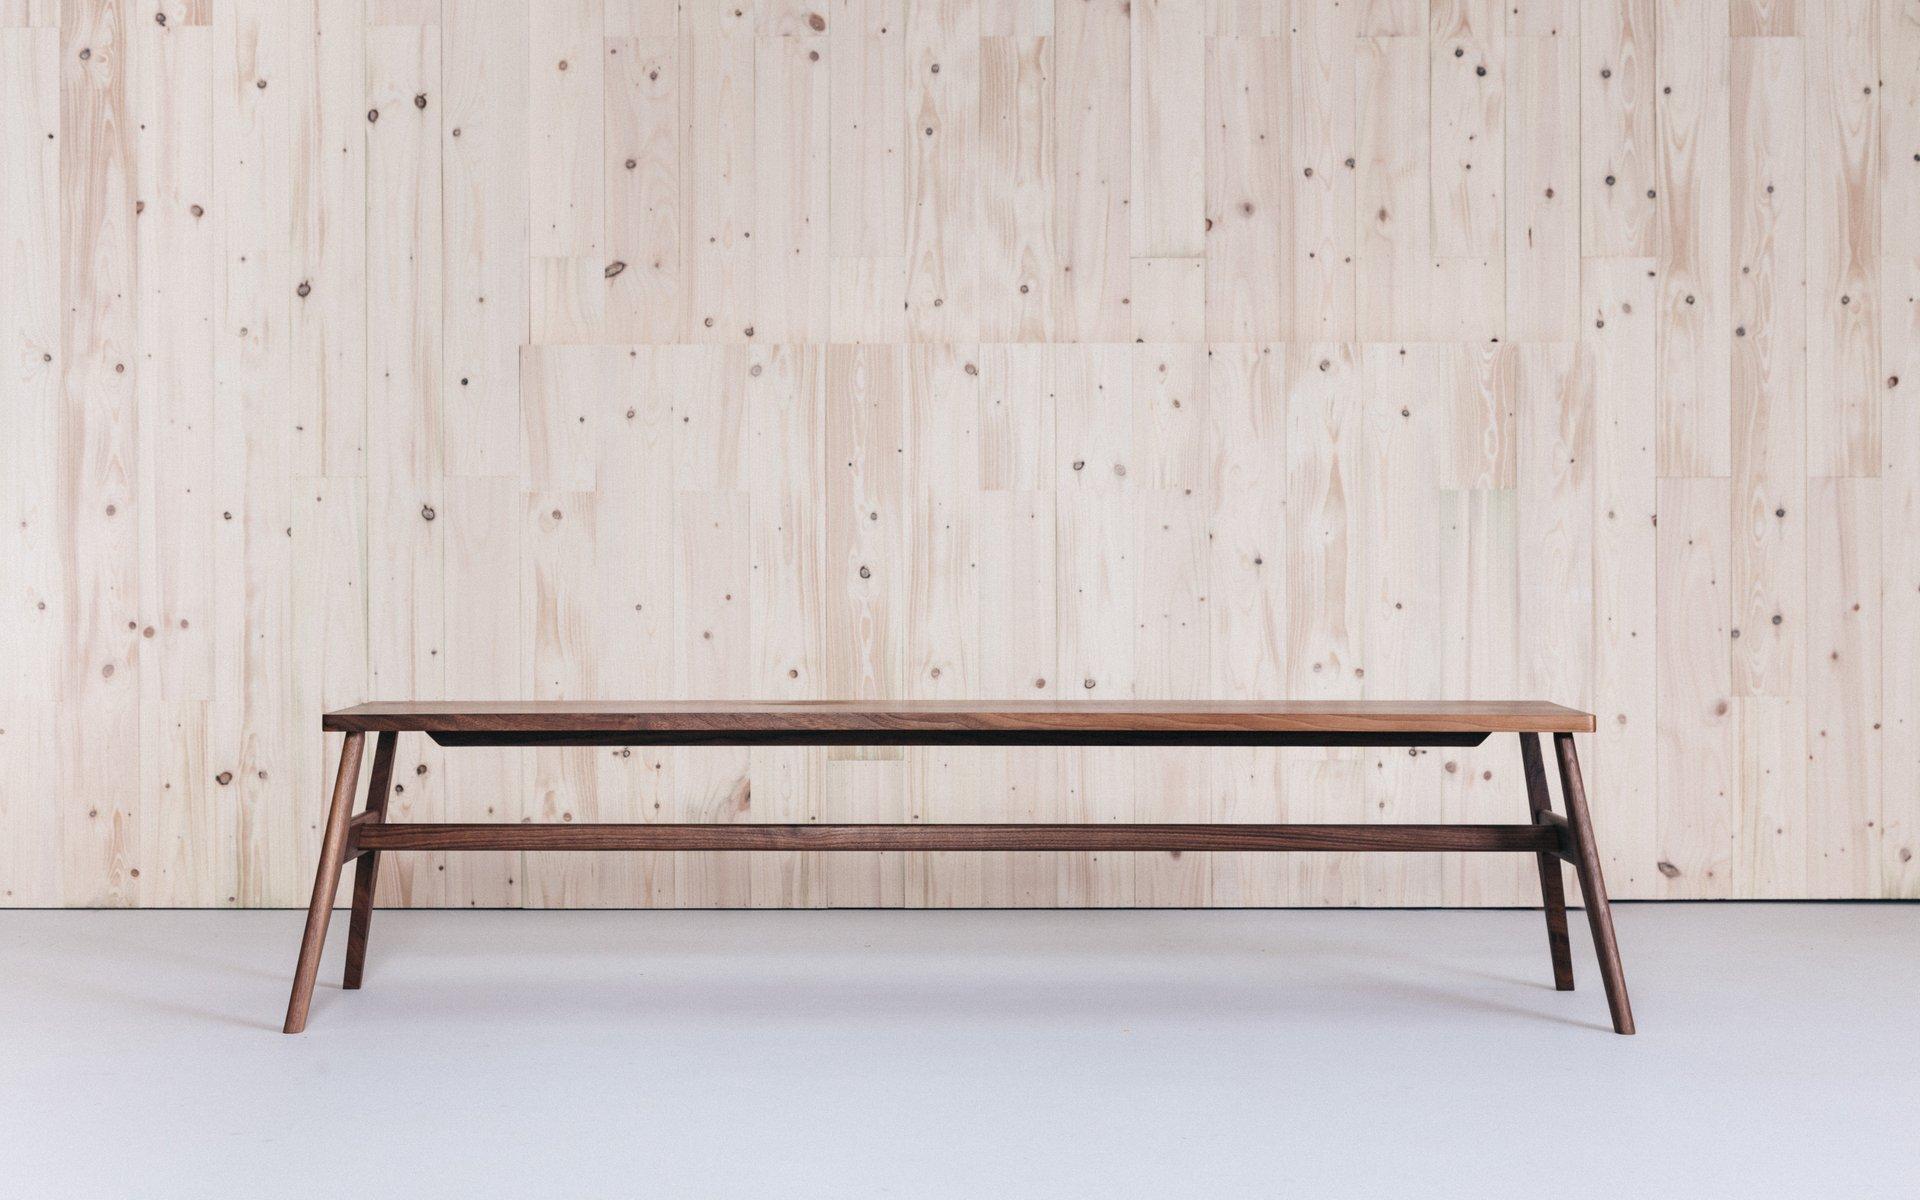 Esszimmerbank aus Eichenholz von Jacob Pugh